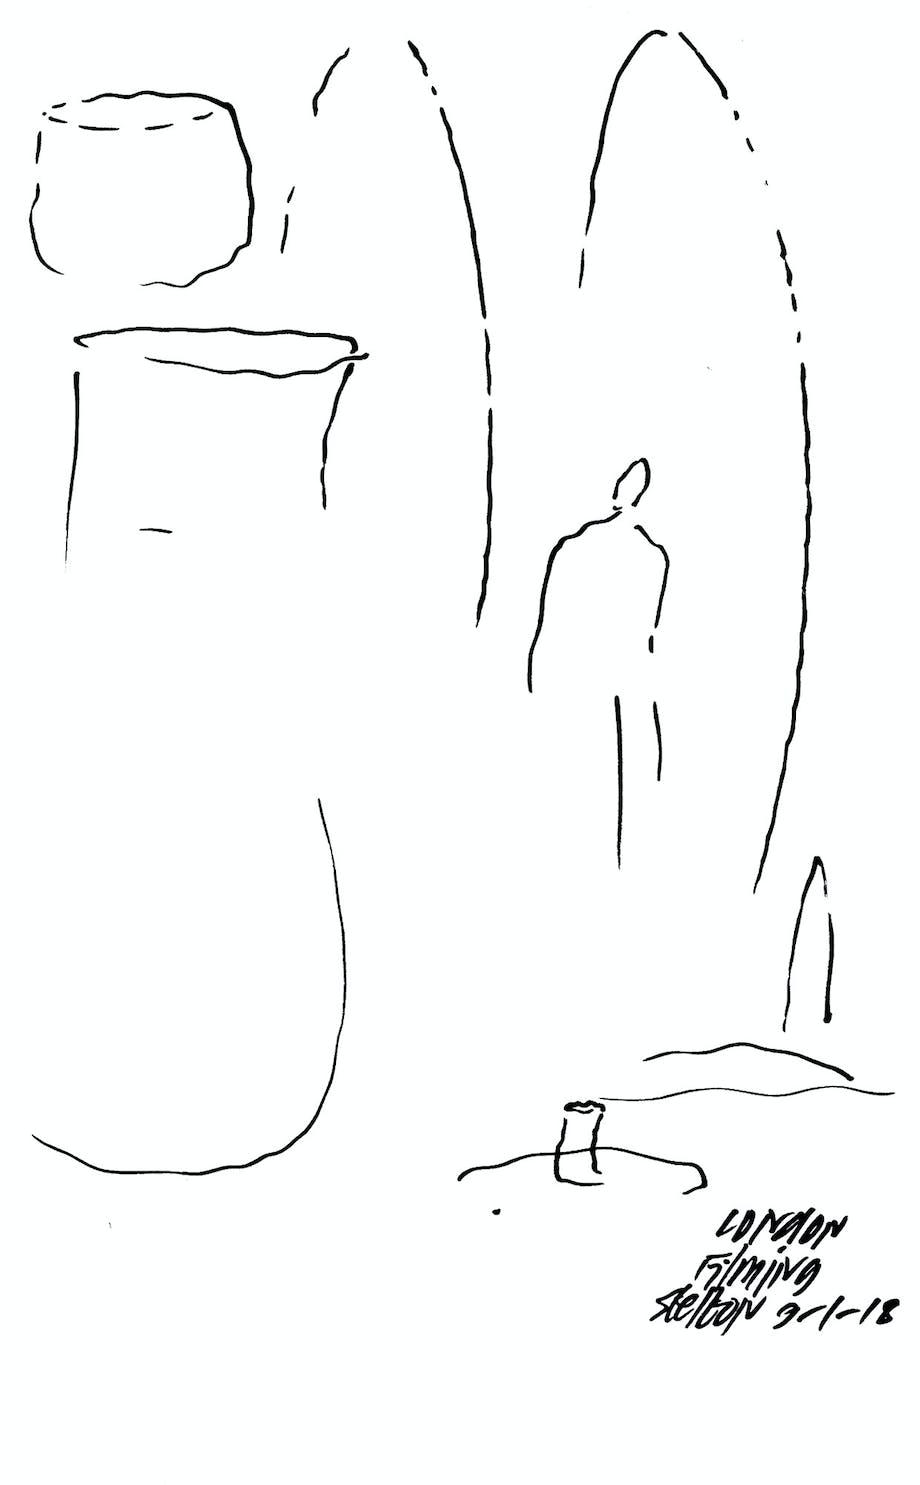 En skitse, der illustrerer, hvordan enhver kurve, uanset hvad den definerer, er forbundet til en anden i et universelt formsprog.